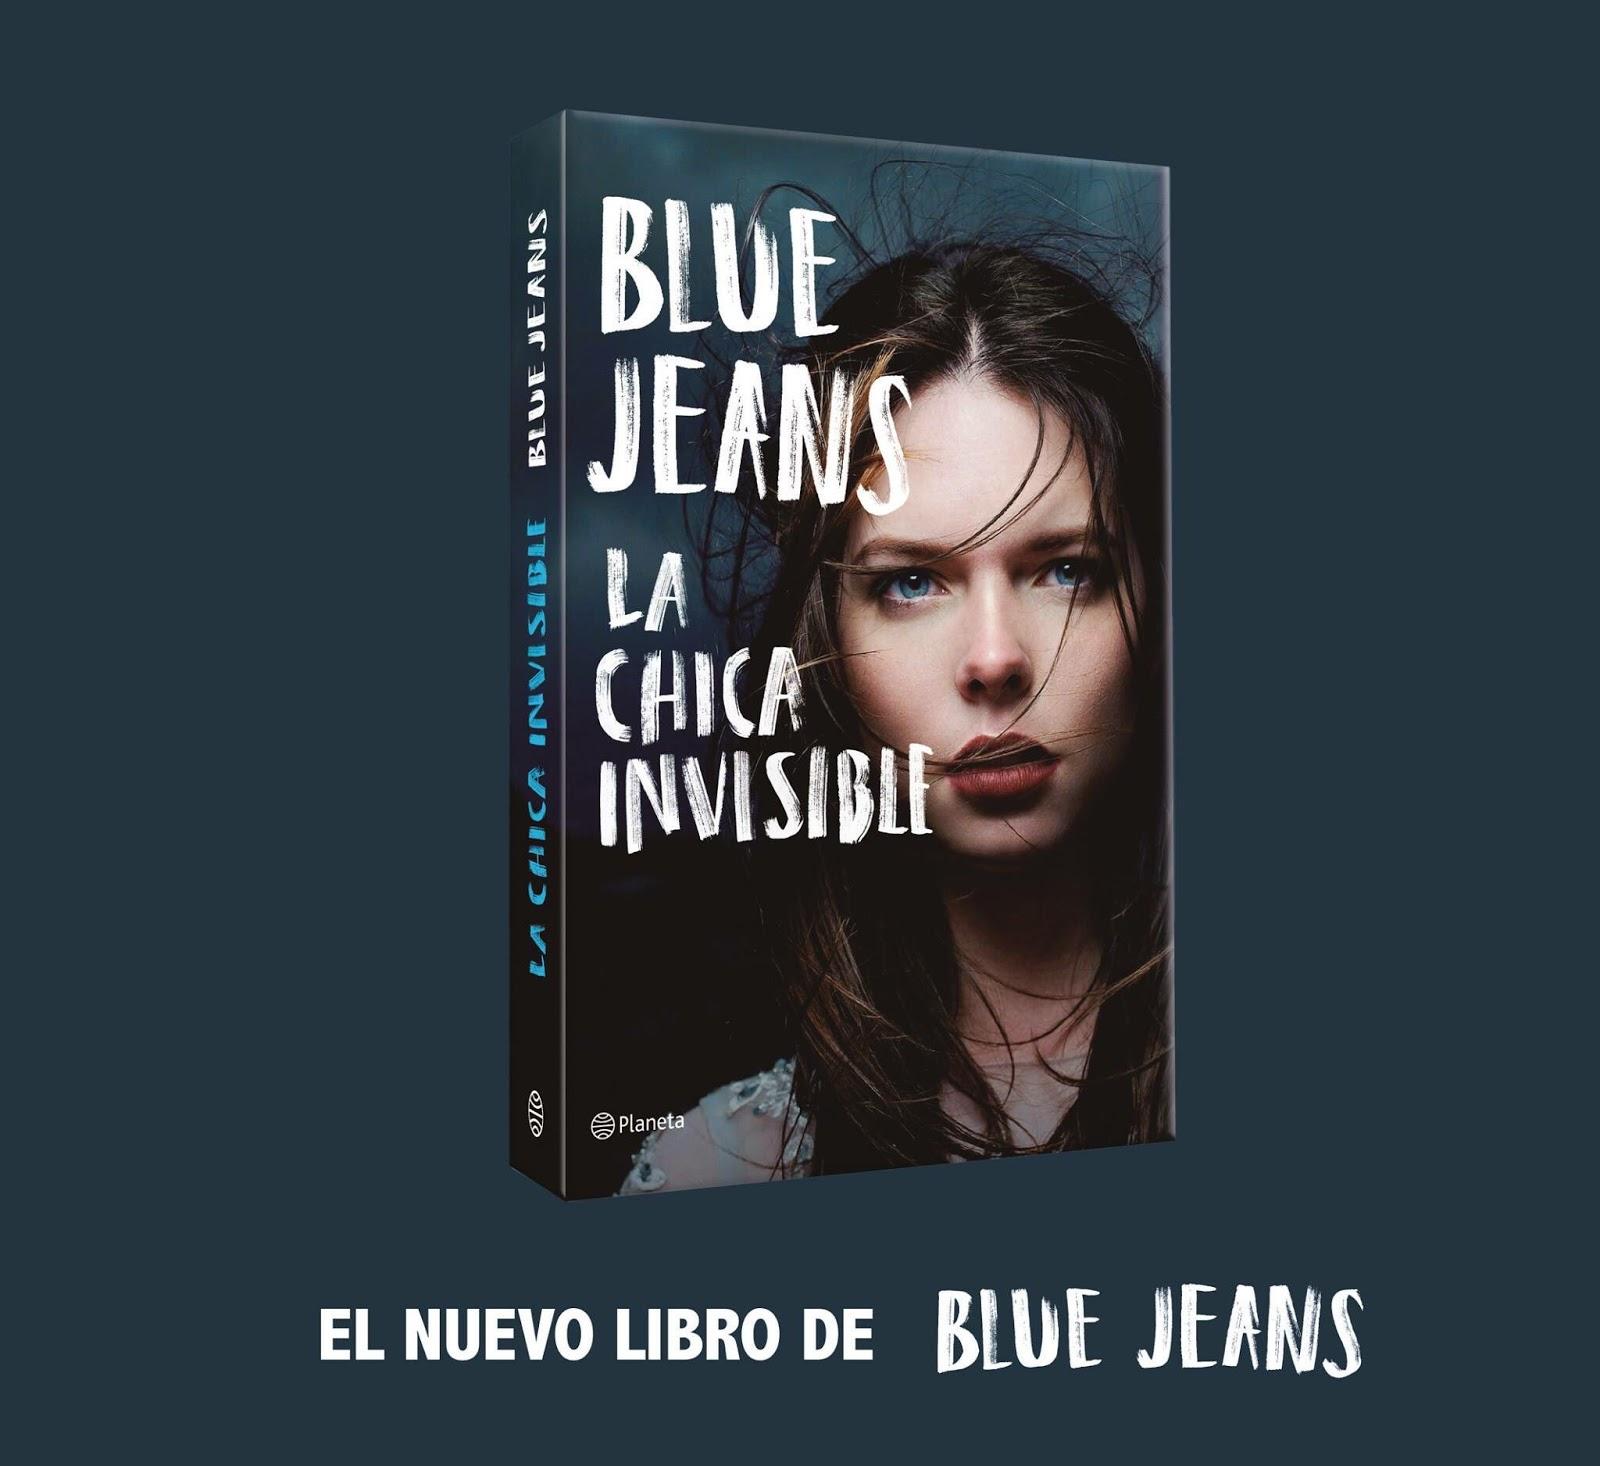 Sobre el autor, Blue Jeans